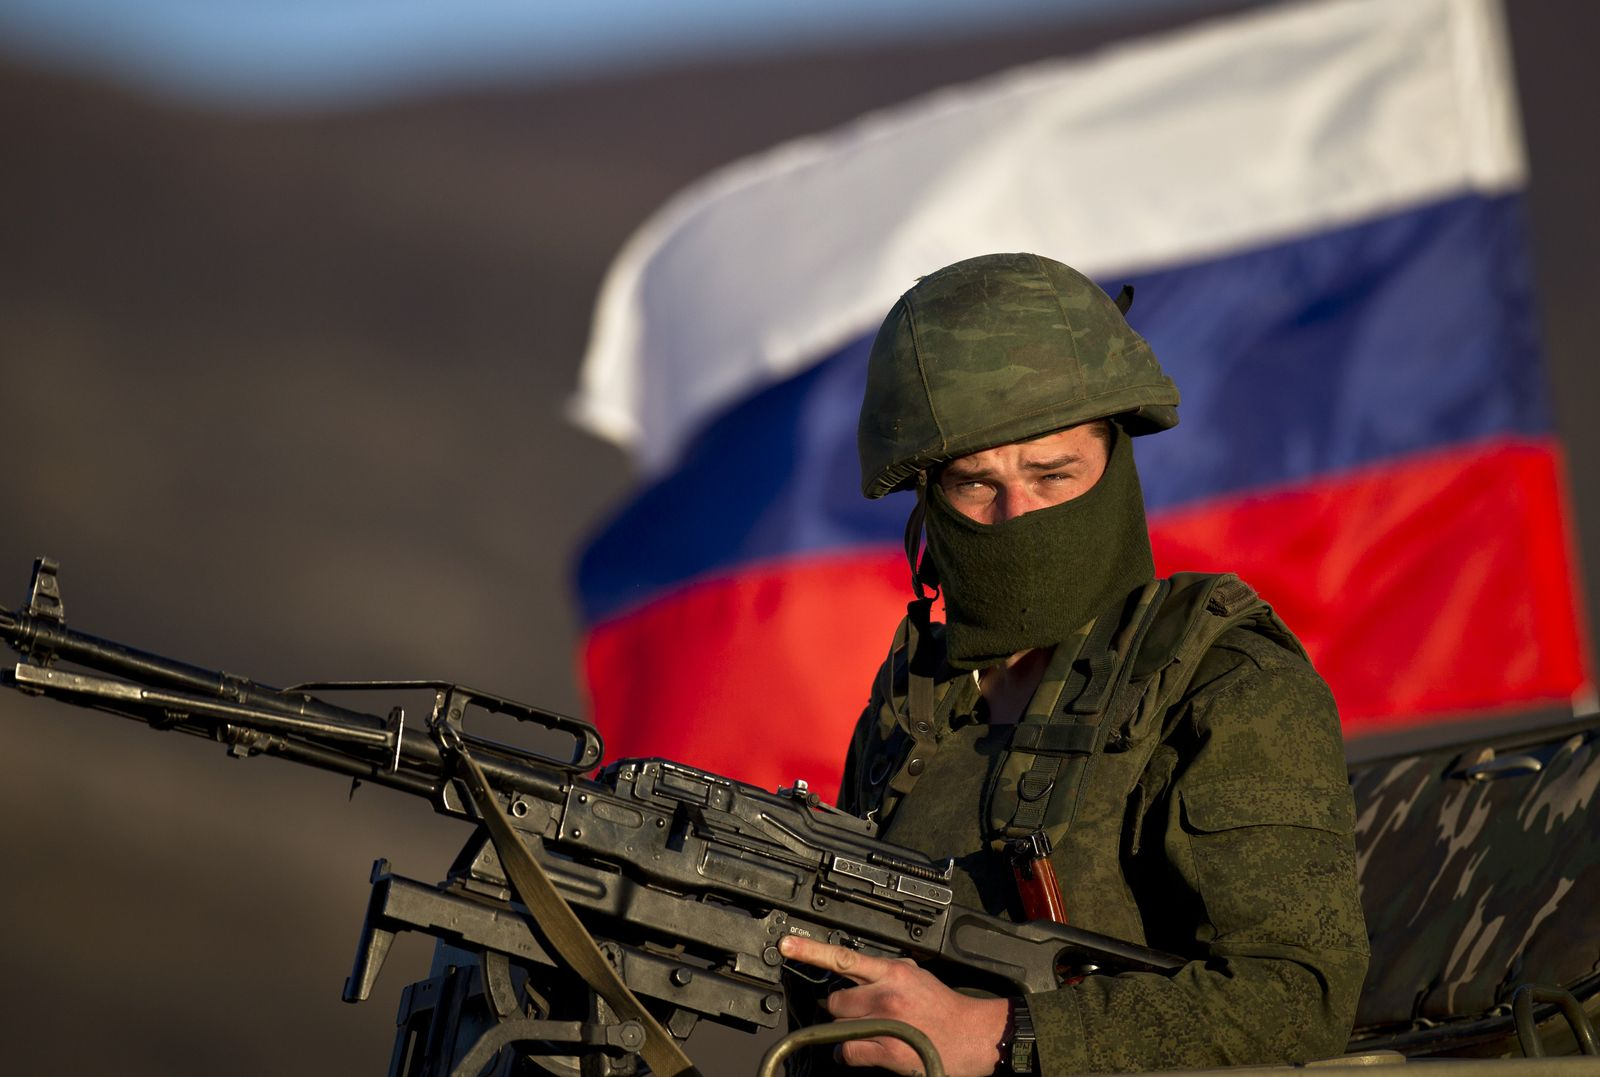 Russischer Soldat in Ukraine